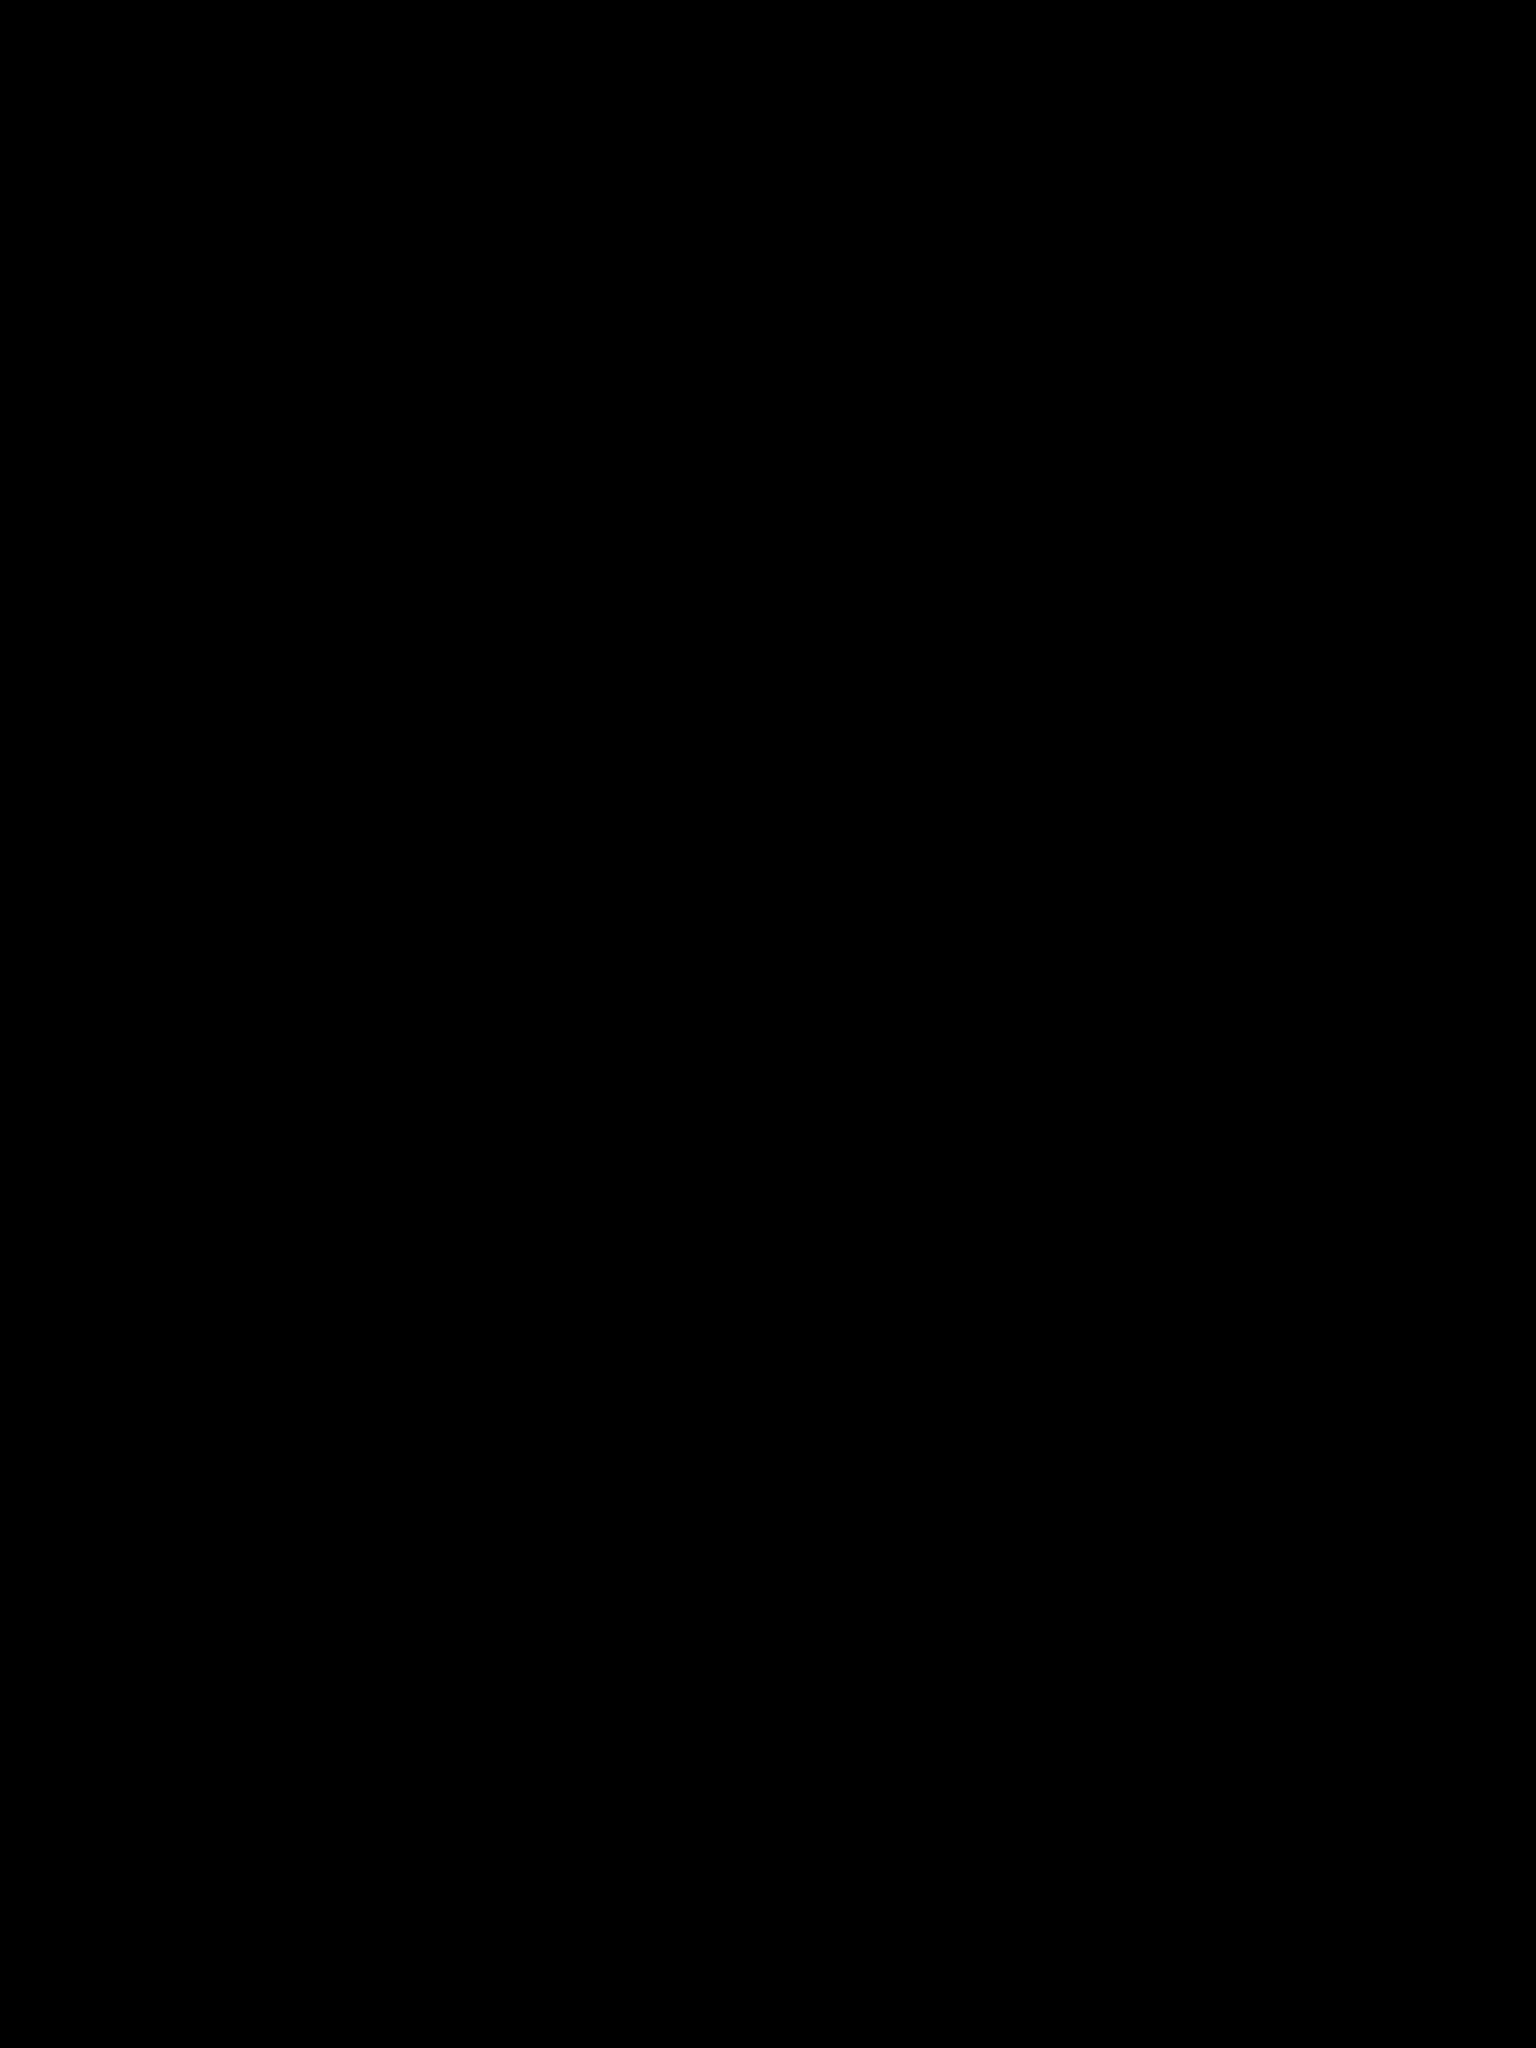 BIENVENUE ALEXANDRA